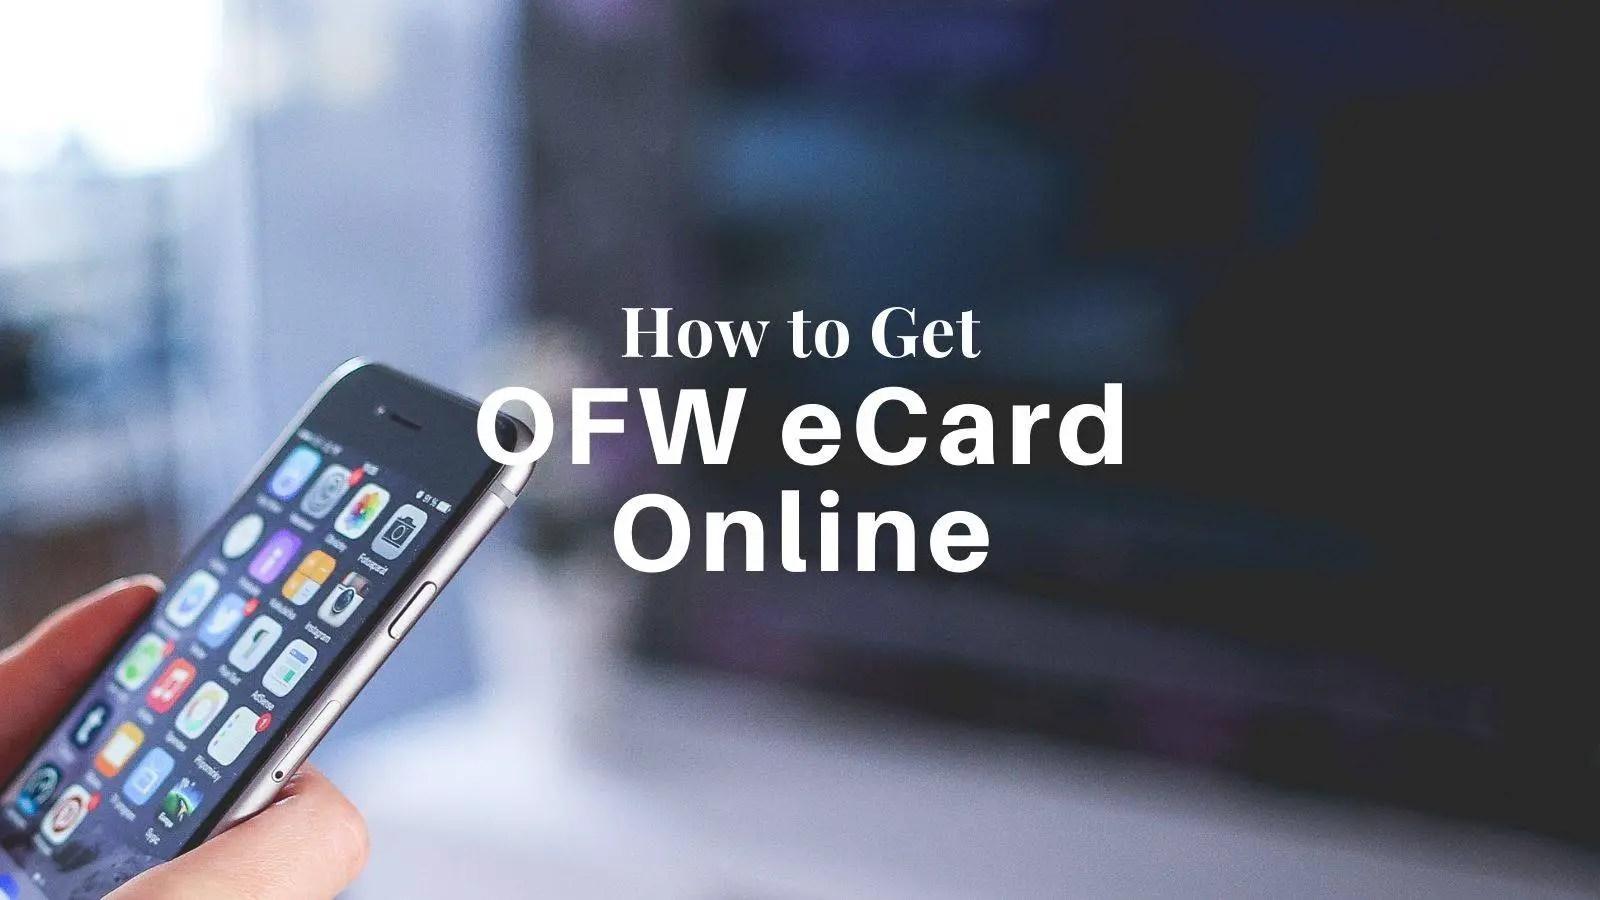 how to get ofw ecard online